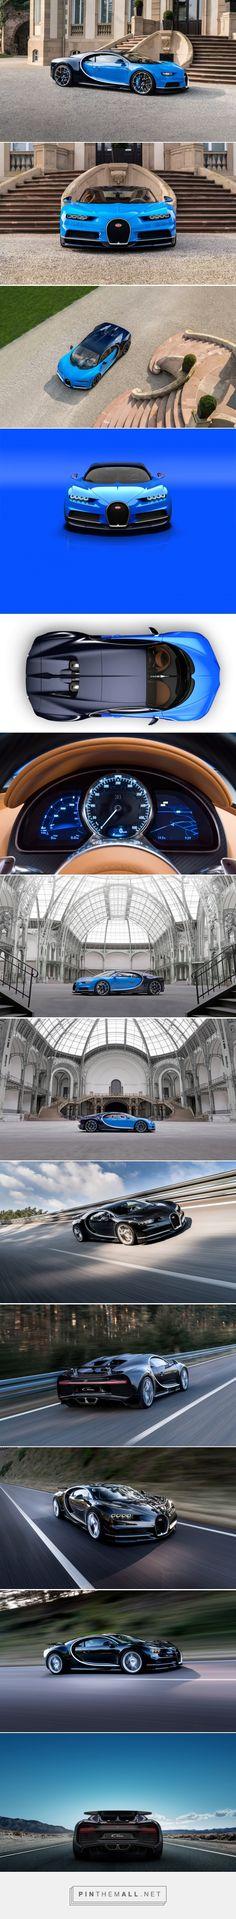 Chiron - Bugatti